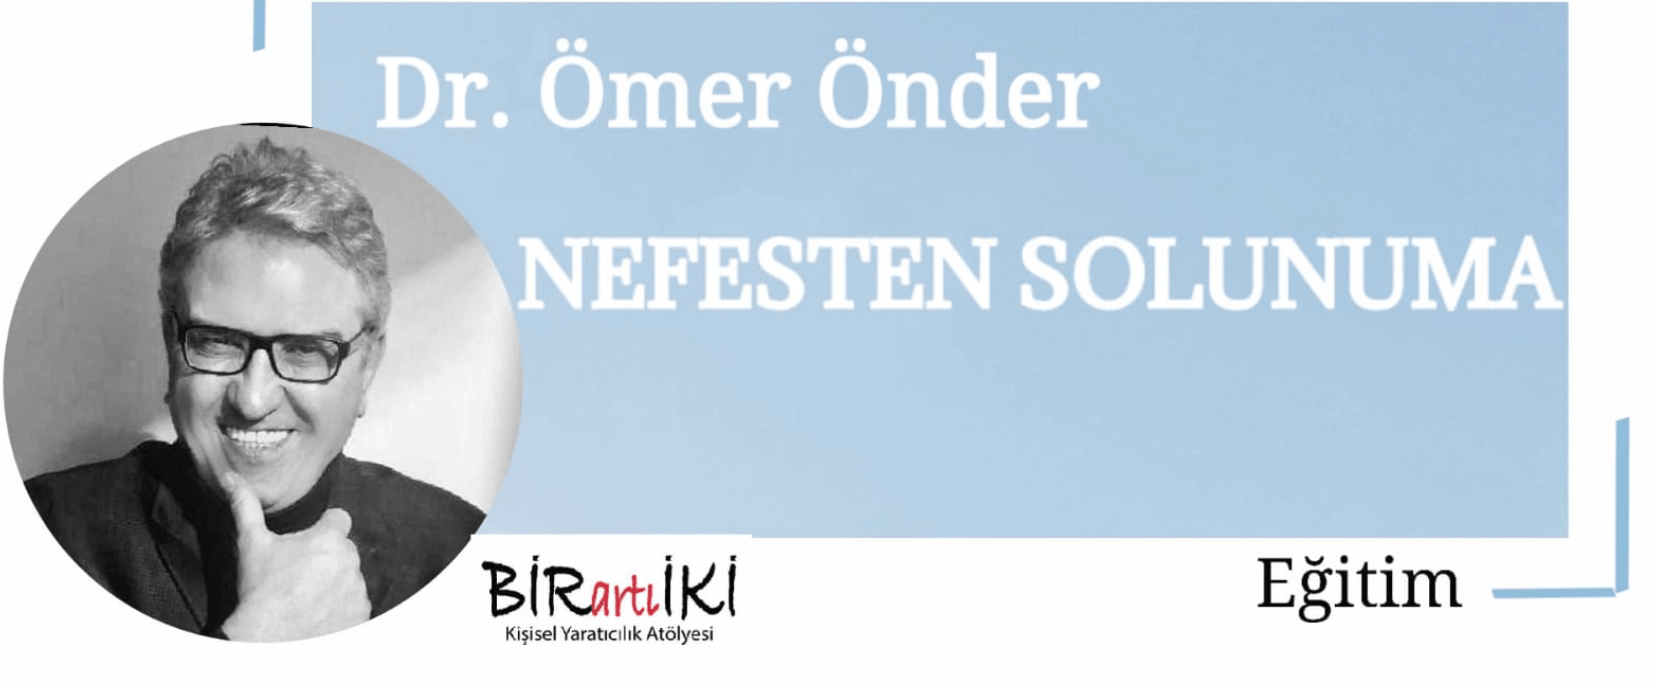 Dr. Ömer Önder ile Nefesten Solunuma